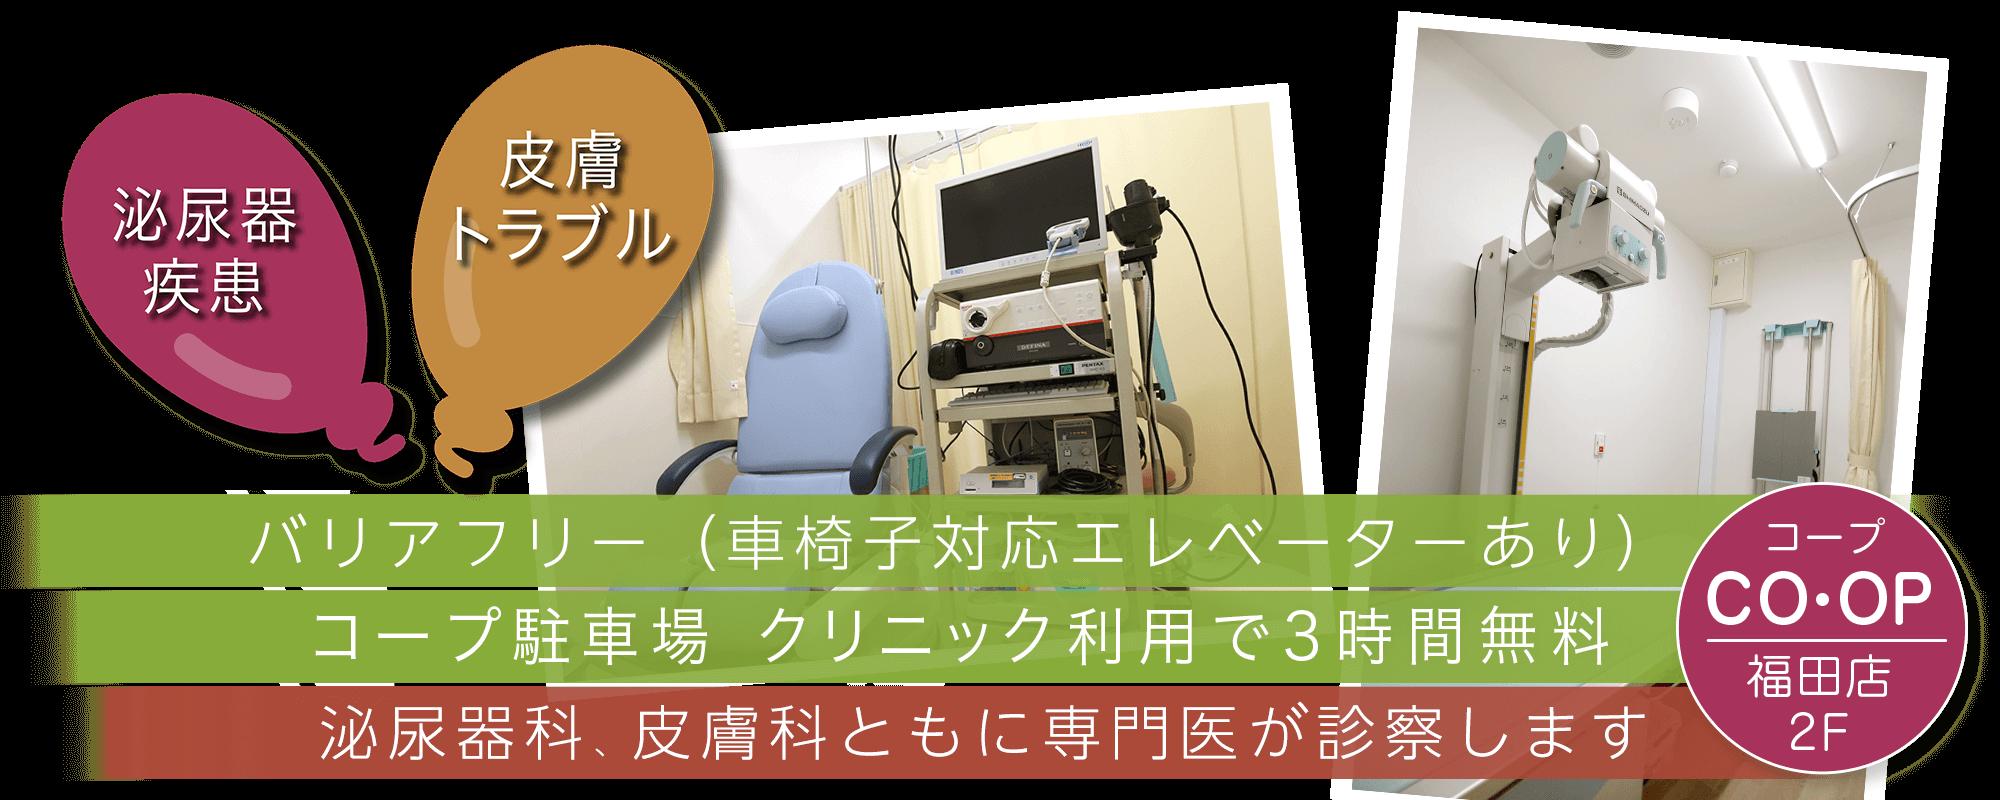 おいだクリニック | 神戸・垂水区の腎臓泌尿器科・皮膚科 ...